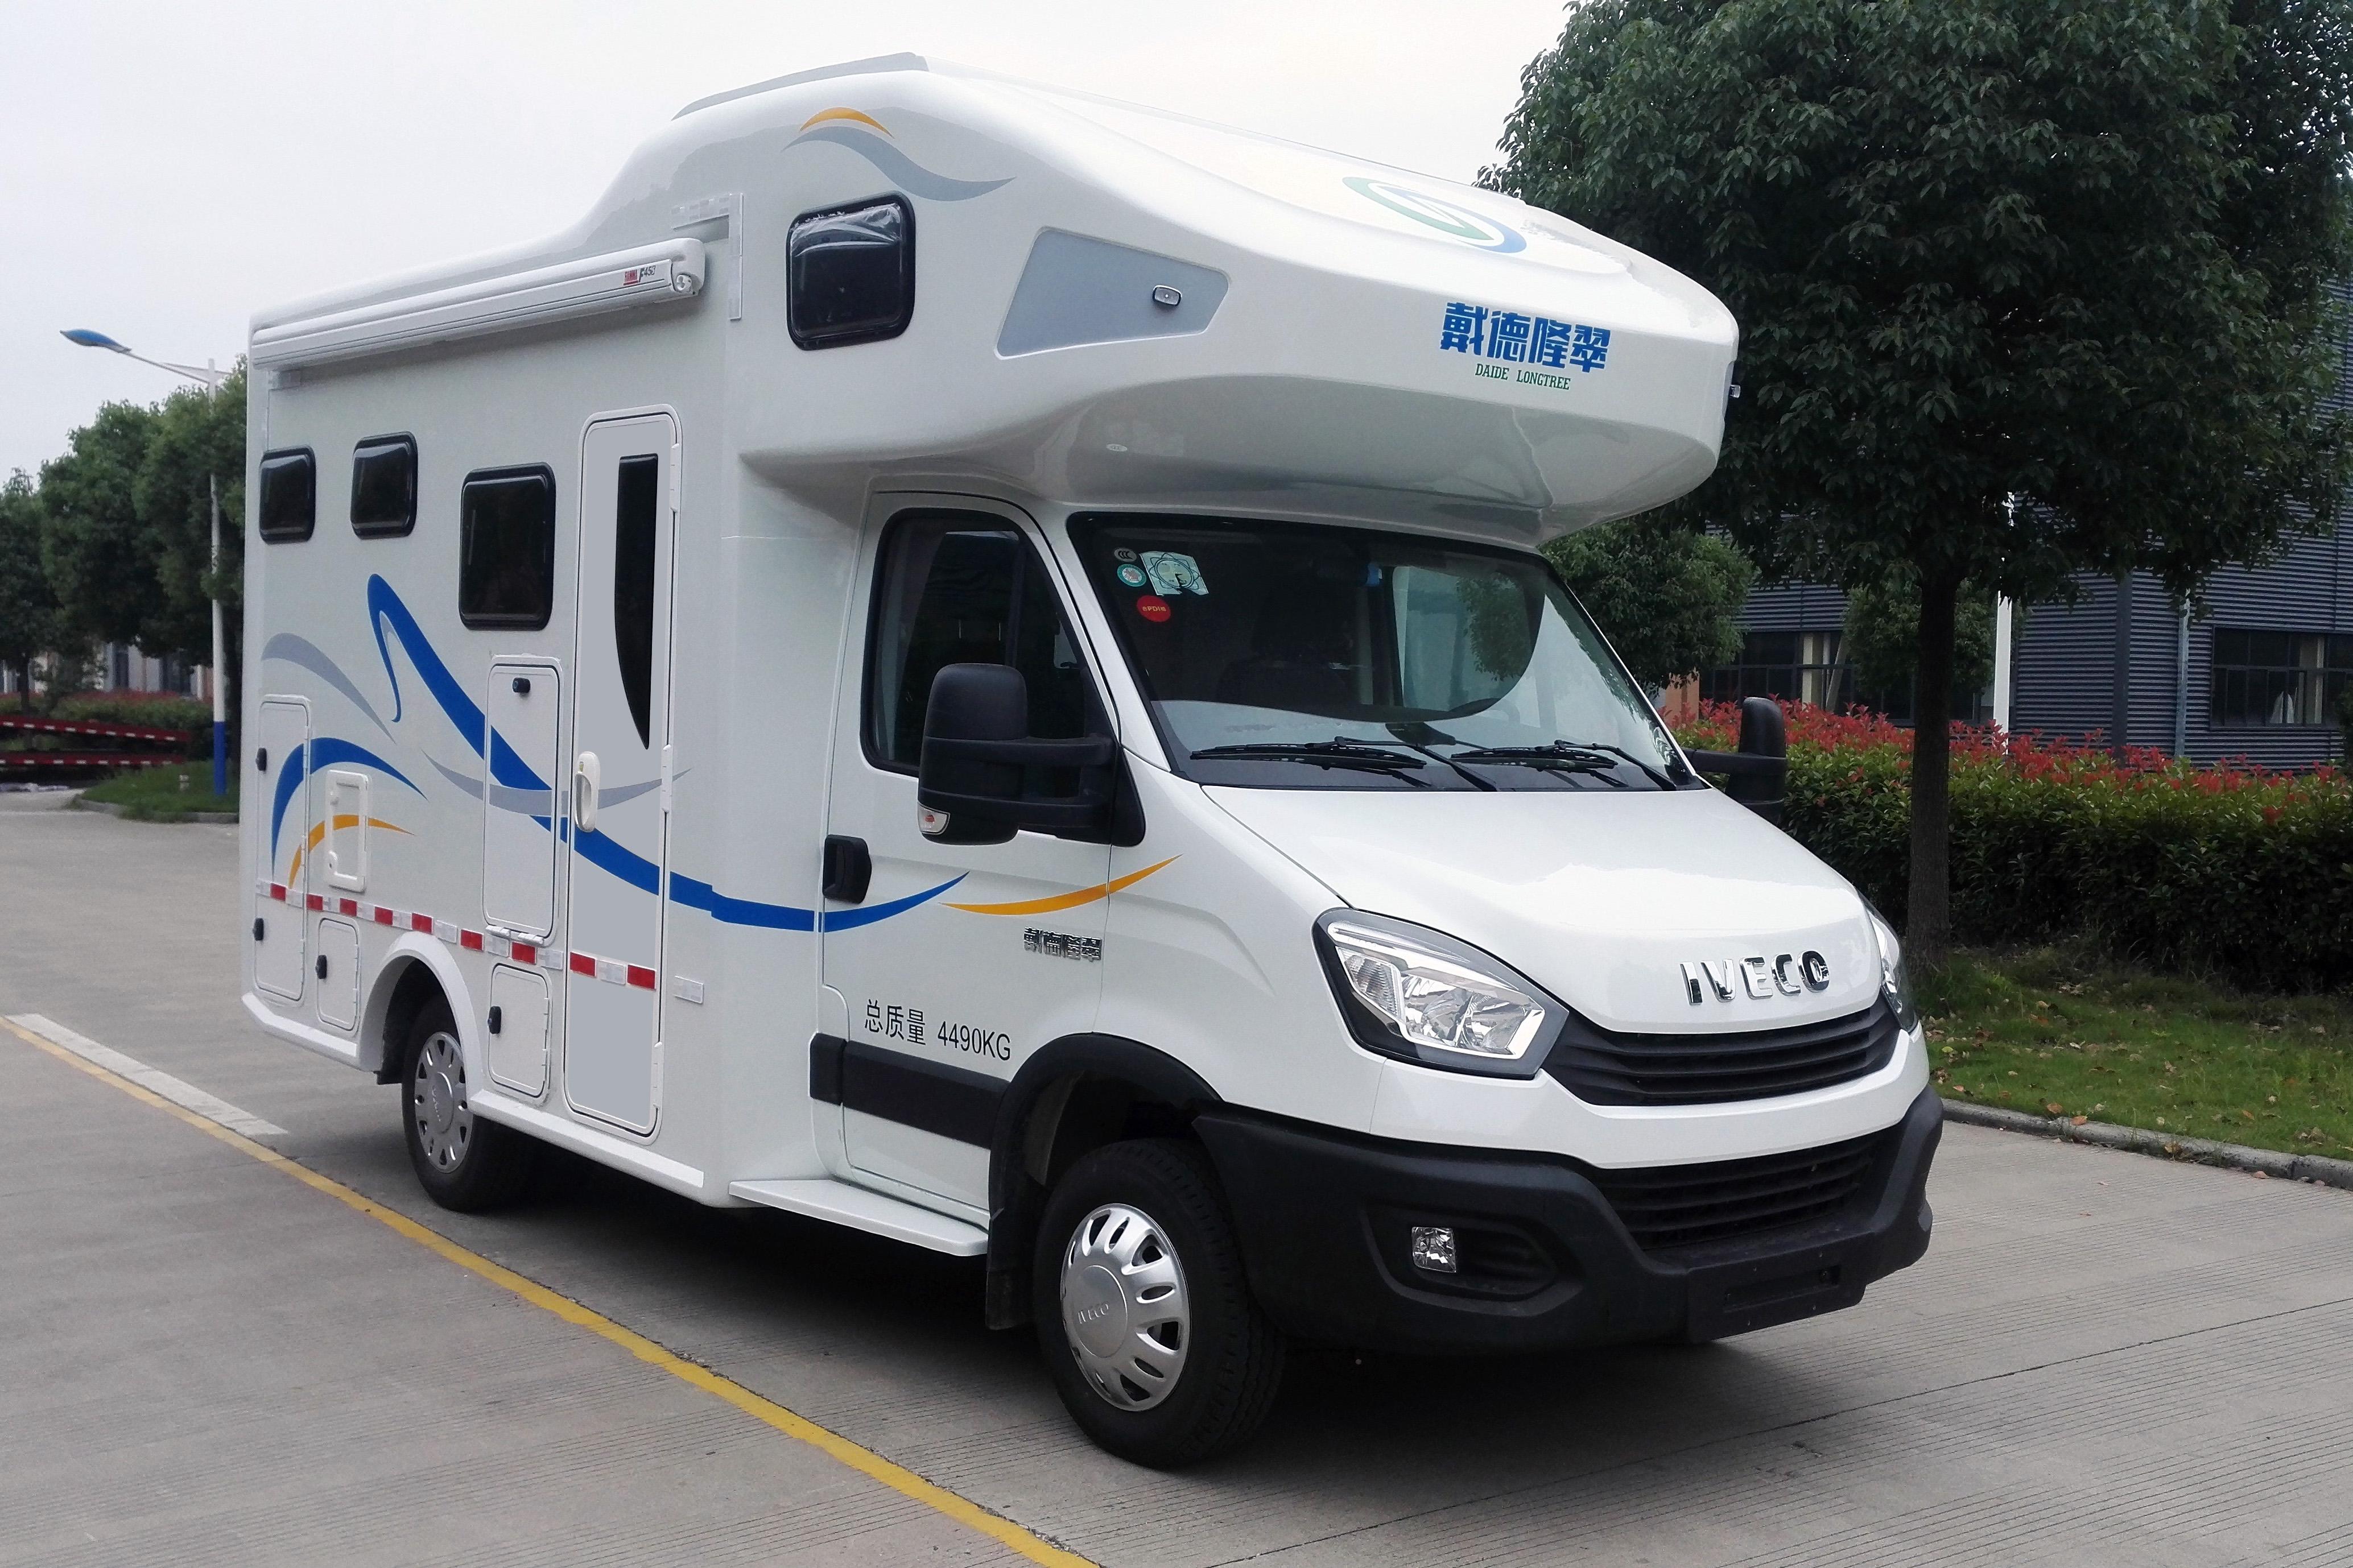 售55.8万 戴德隆翠依维柯全新双拓展车型正式上市